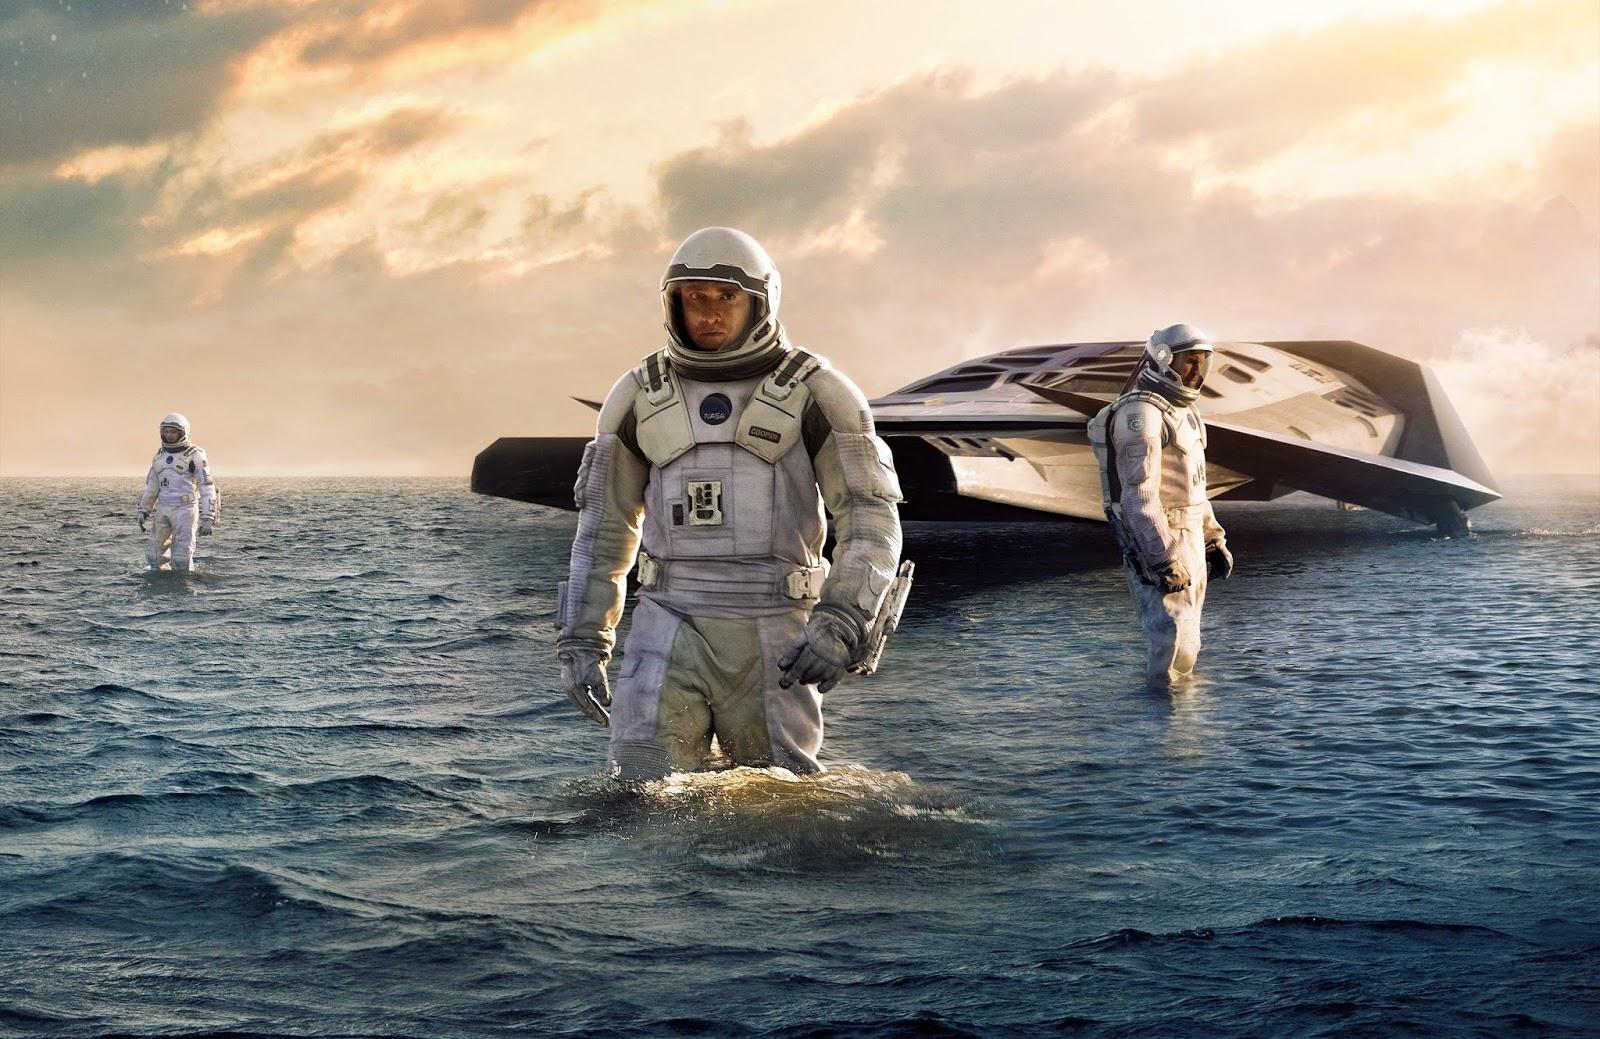 Astronauts on an alien world - Anne Hathaway, Matthew McConaughey, Wes Bentley in Interstellar (2014)